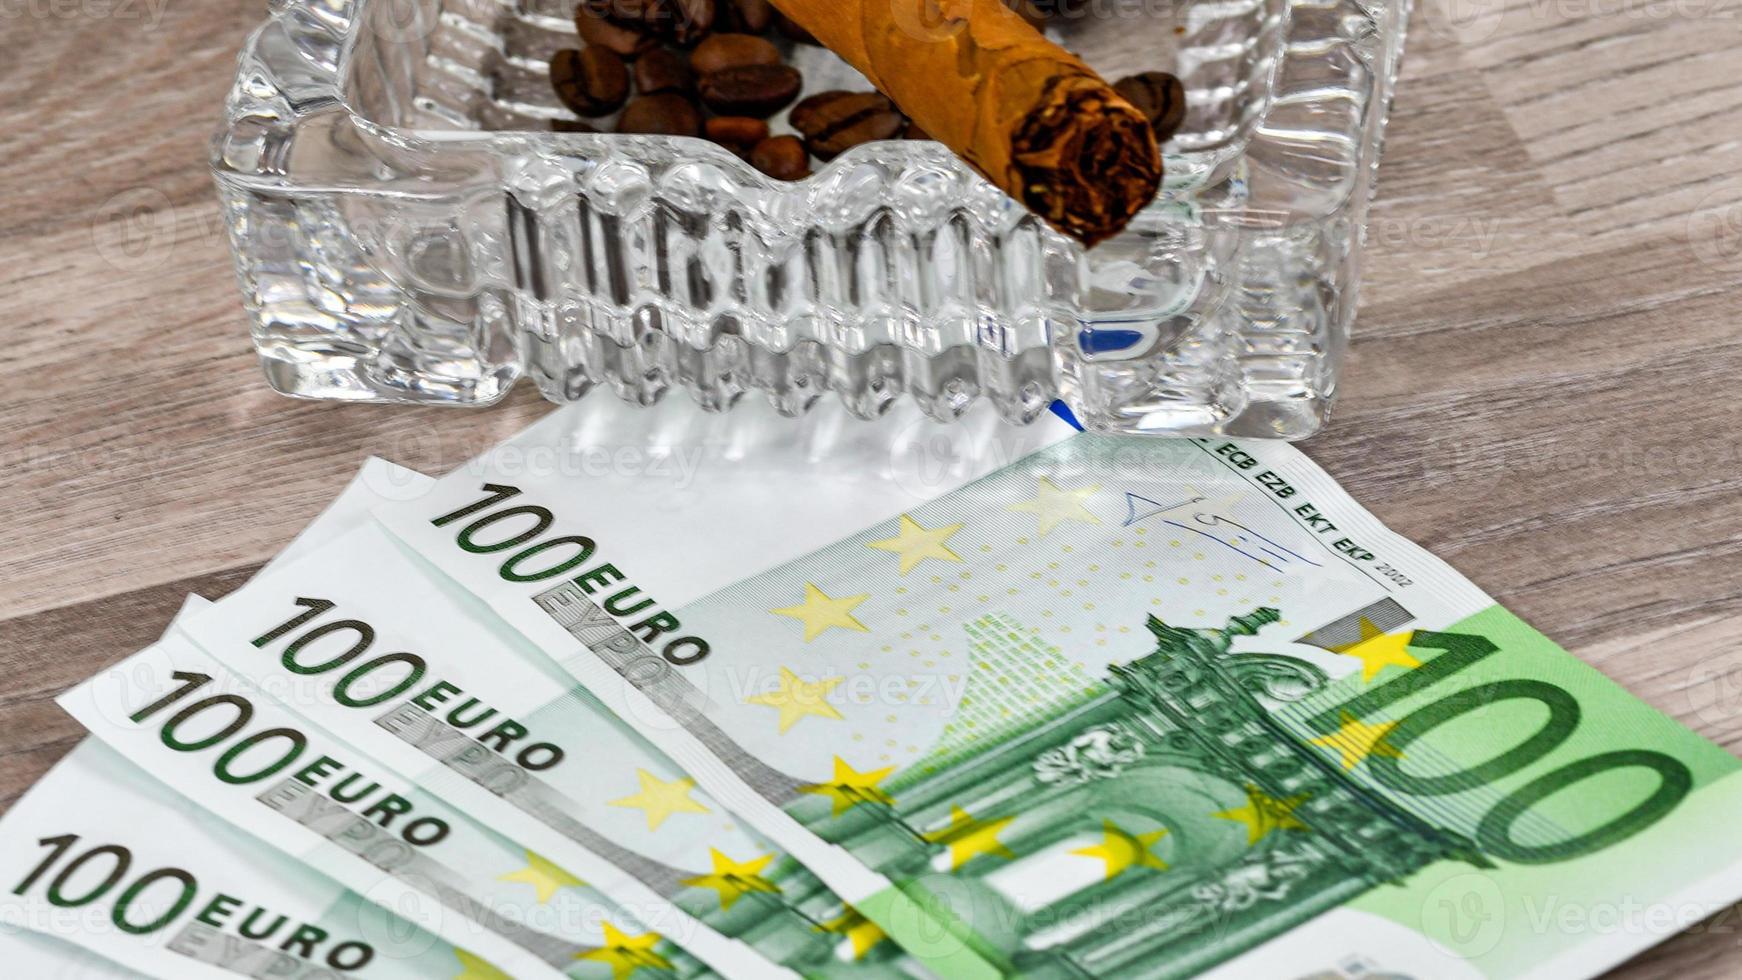 Notas de 100 euros com cinzeiro e charuto foto